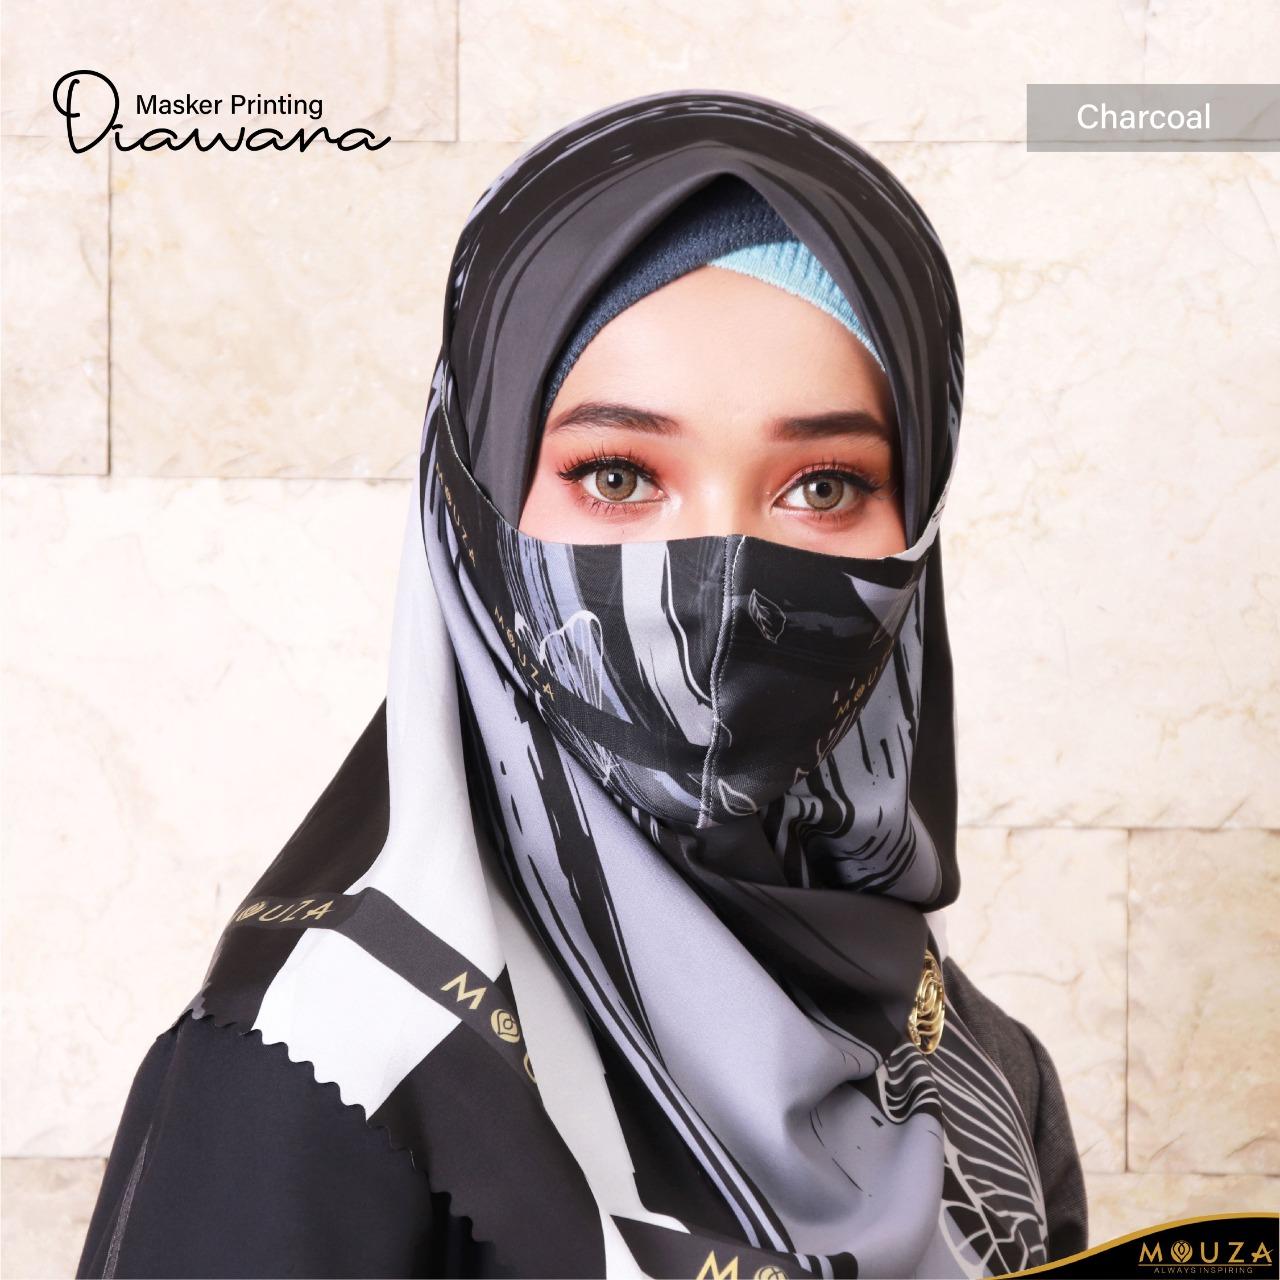 Masker Printing Diawara